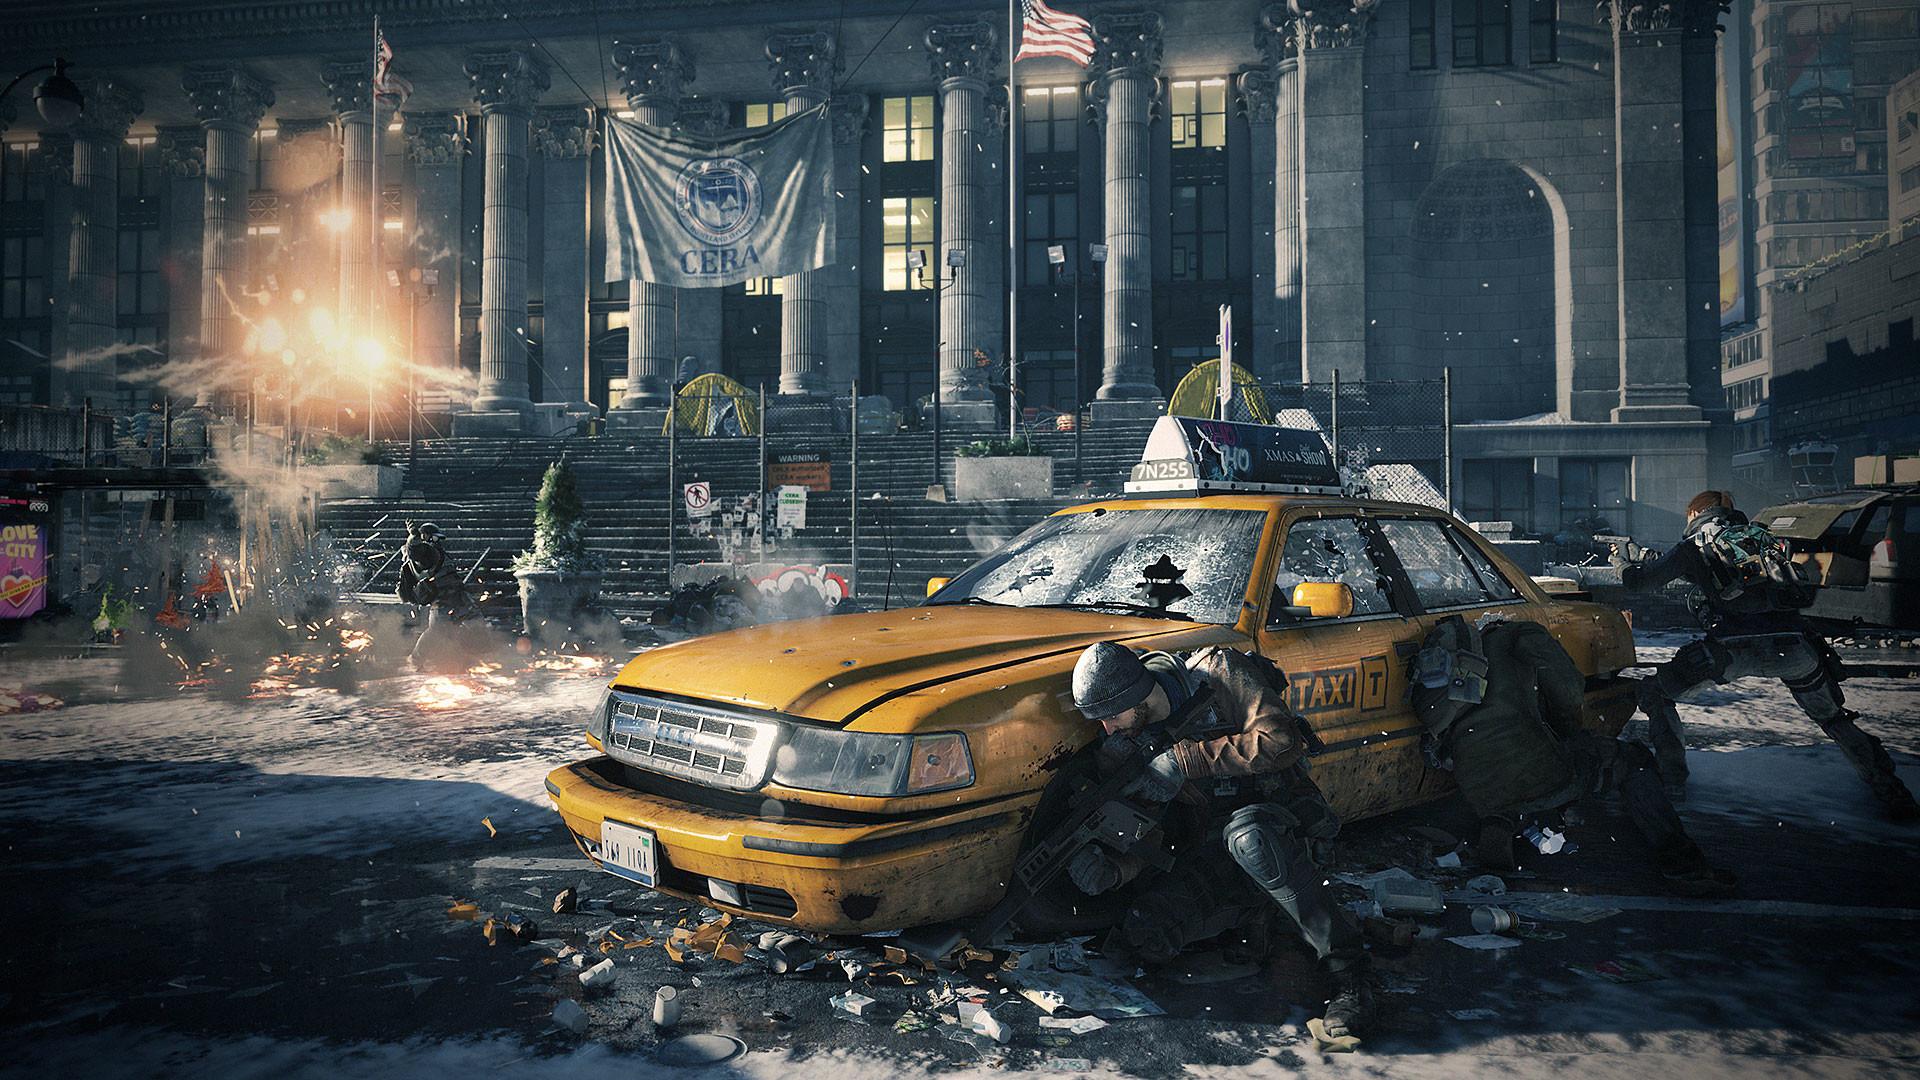 final_tctd_e314_screenshot_covergameplay_159322.  final_tctd_e314_screenshot_covergameplay_159322